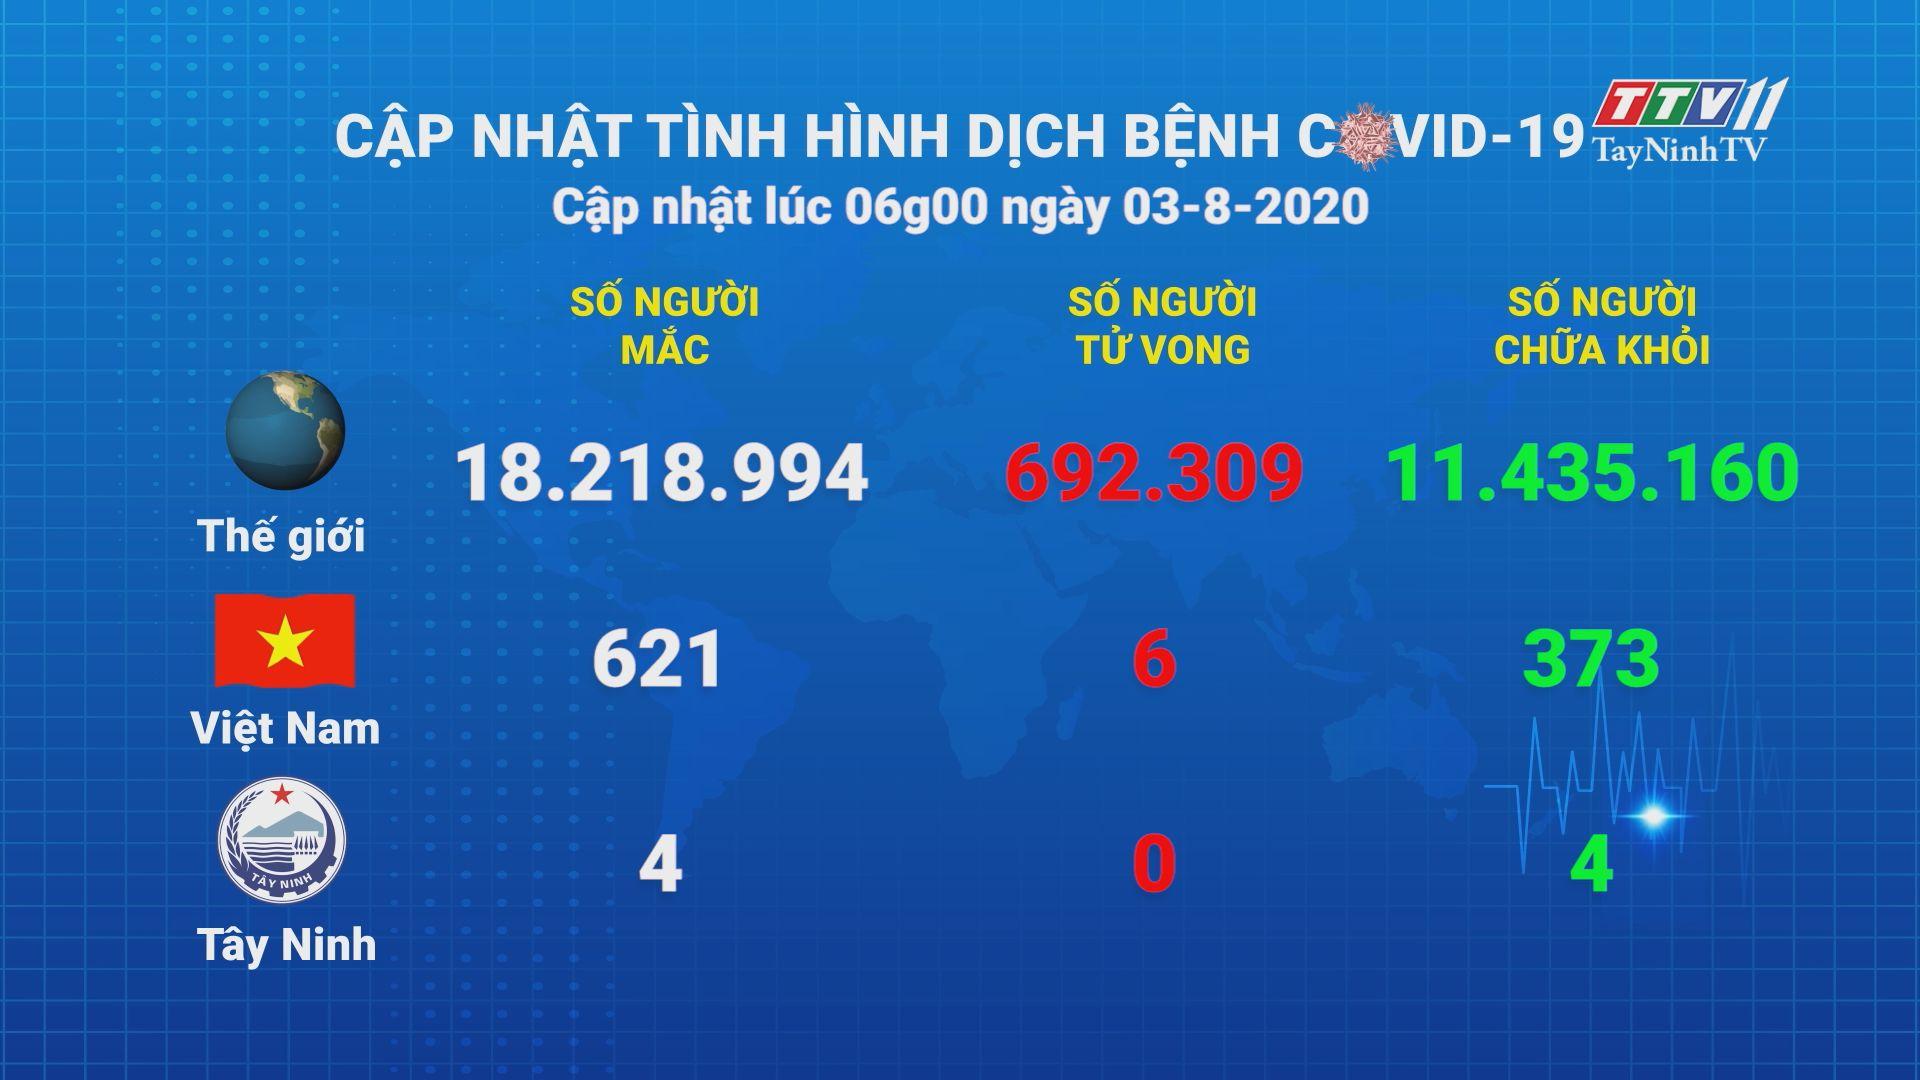 Cập nhật tình hình Covid-19 vào lúc 6 giờ 03-8-2020 | Thông tin dịch Covid-19 | TayNinhTV